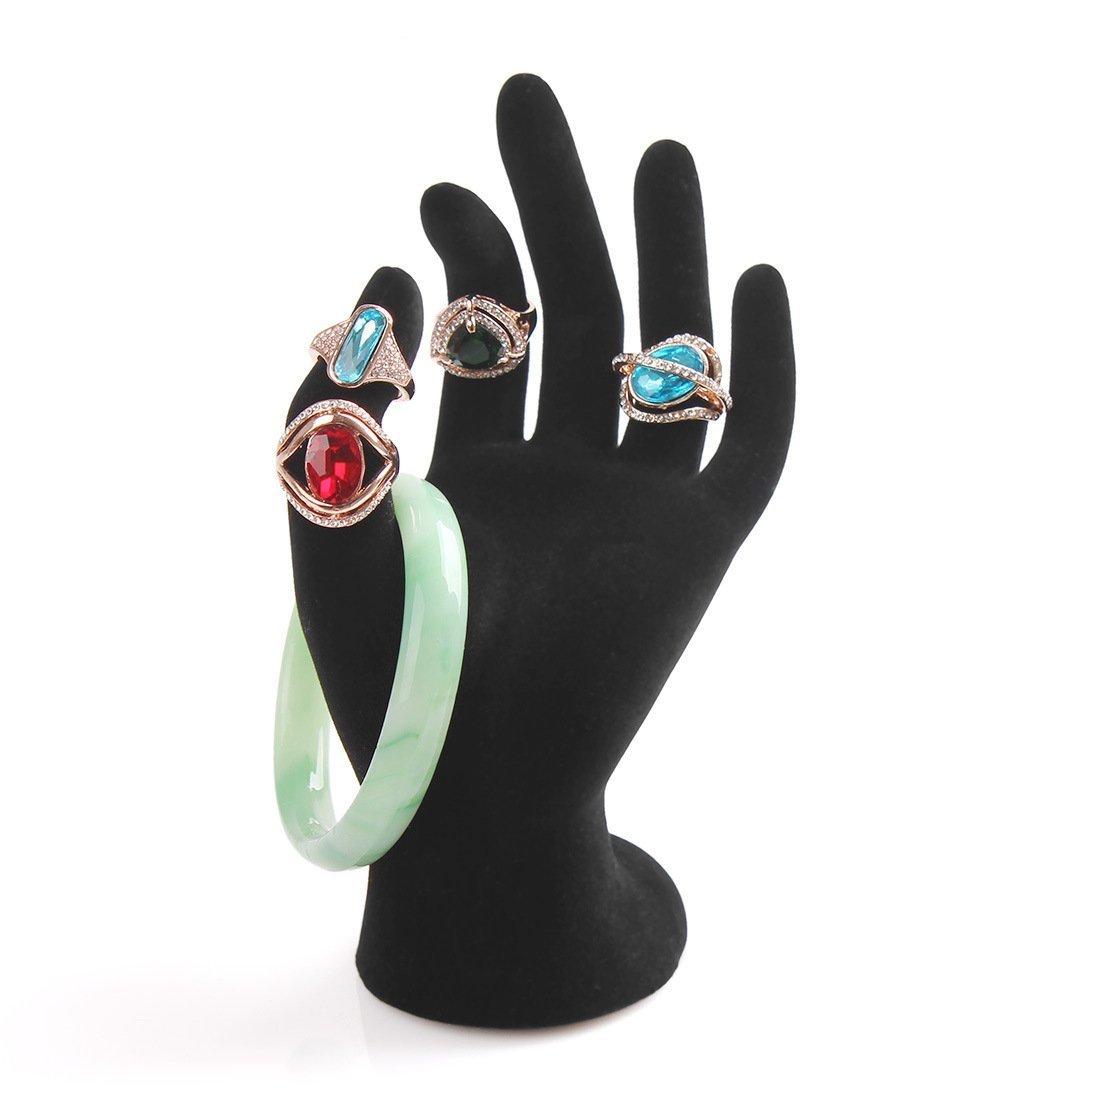 Bocar - Espositore per gioielli a forma di mano, riproduce il gesto dell' OK, per anelli e bracciali Ok-br riproduce il gesto dell' OK